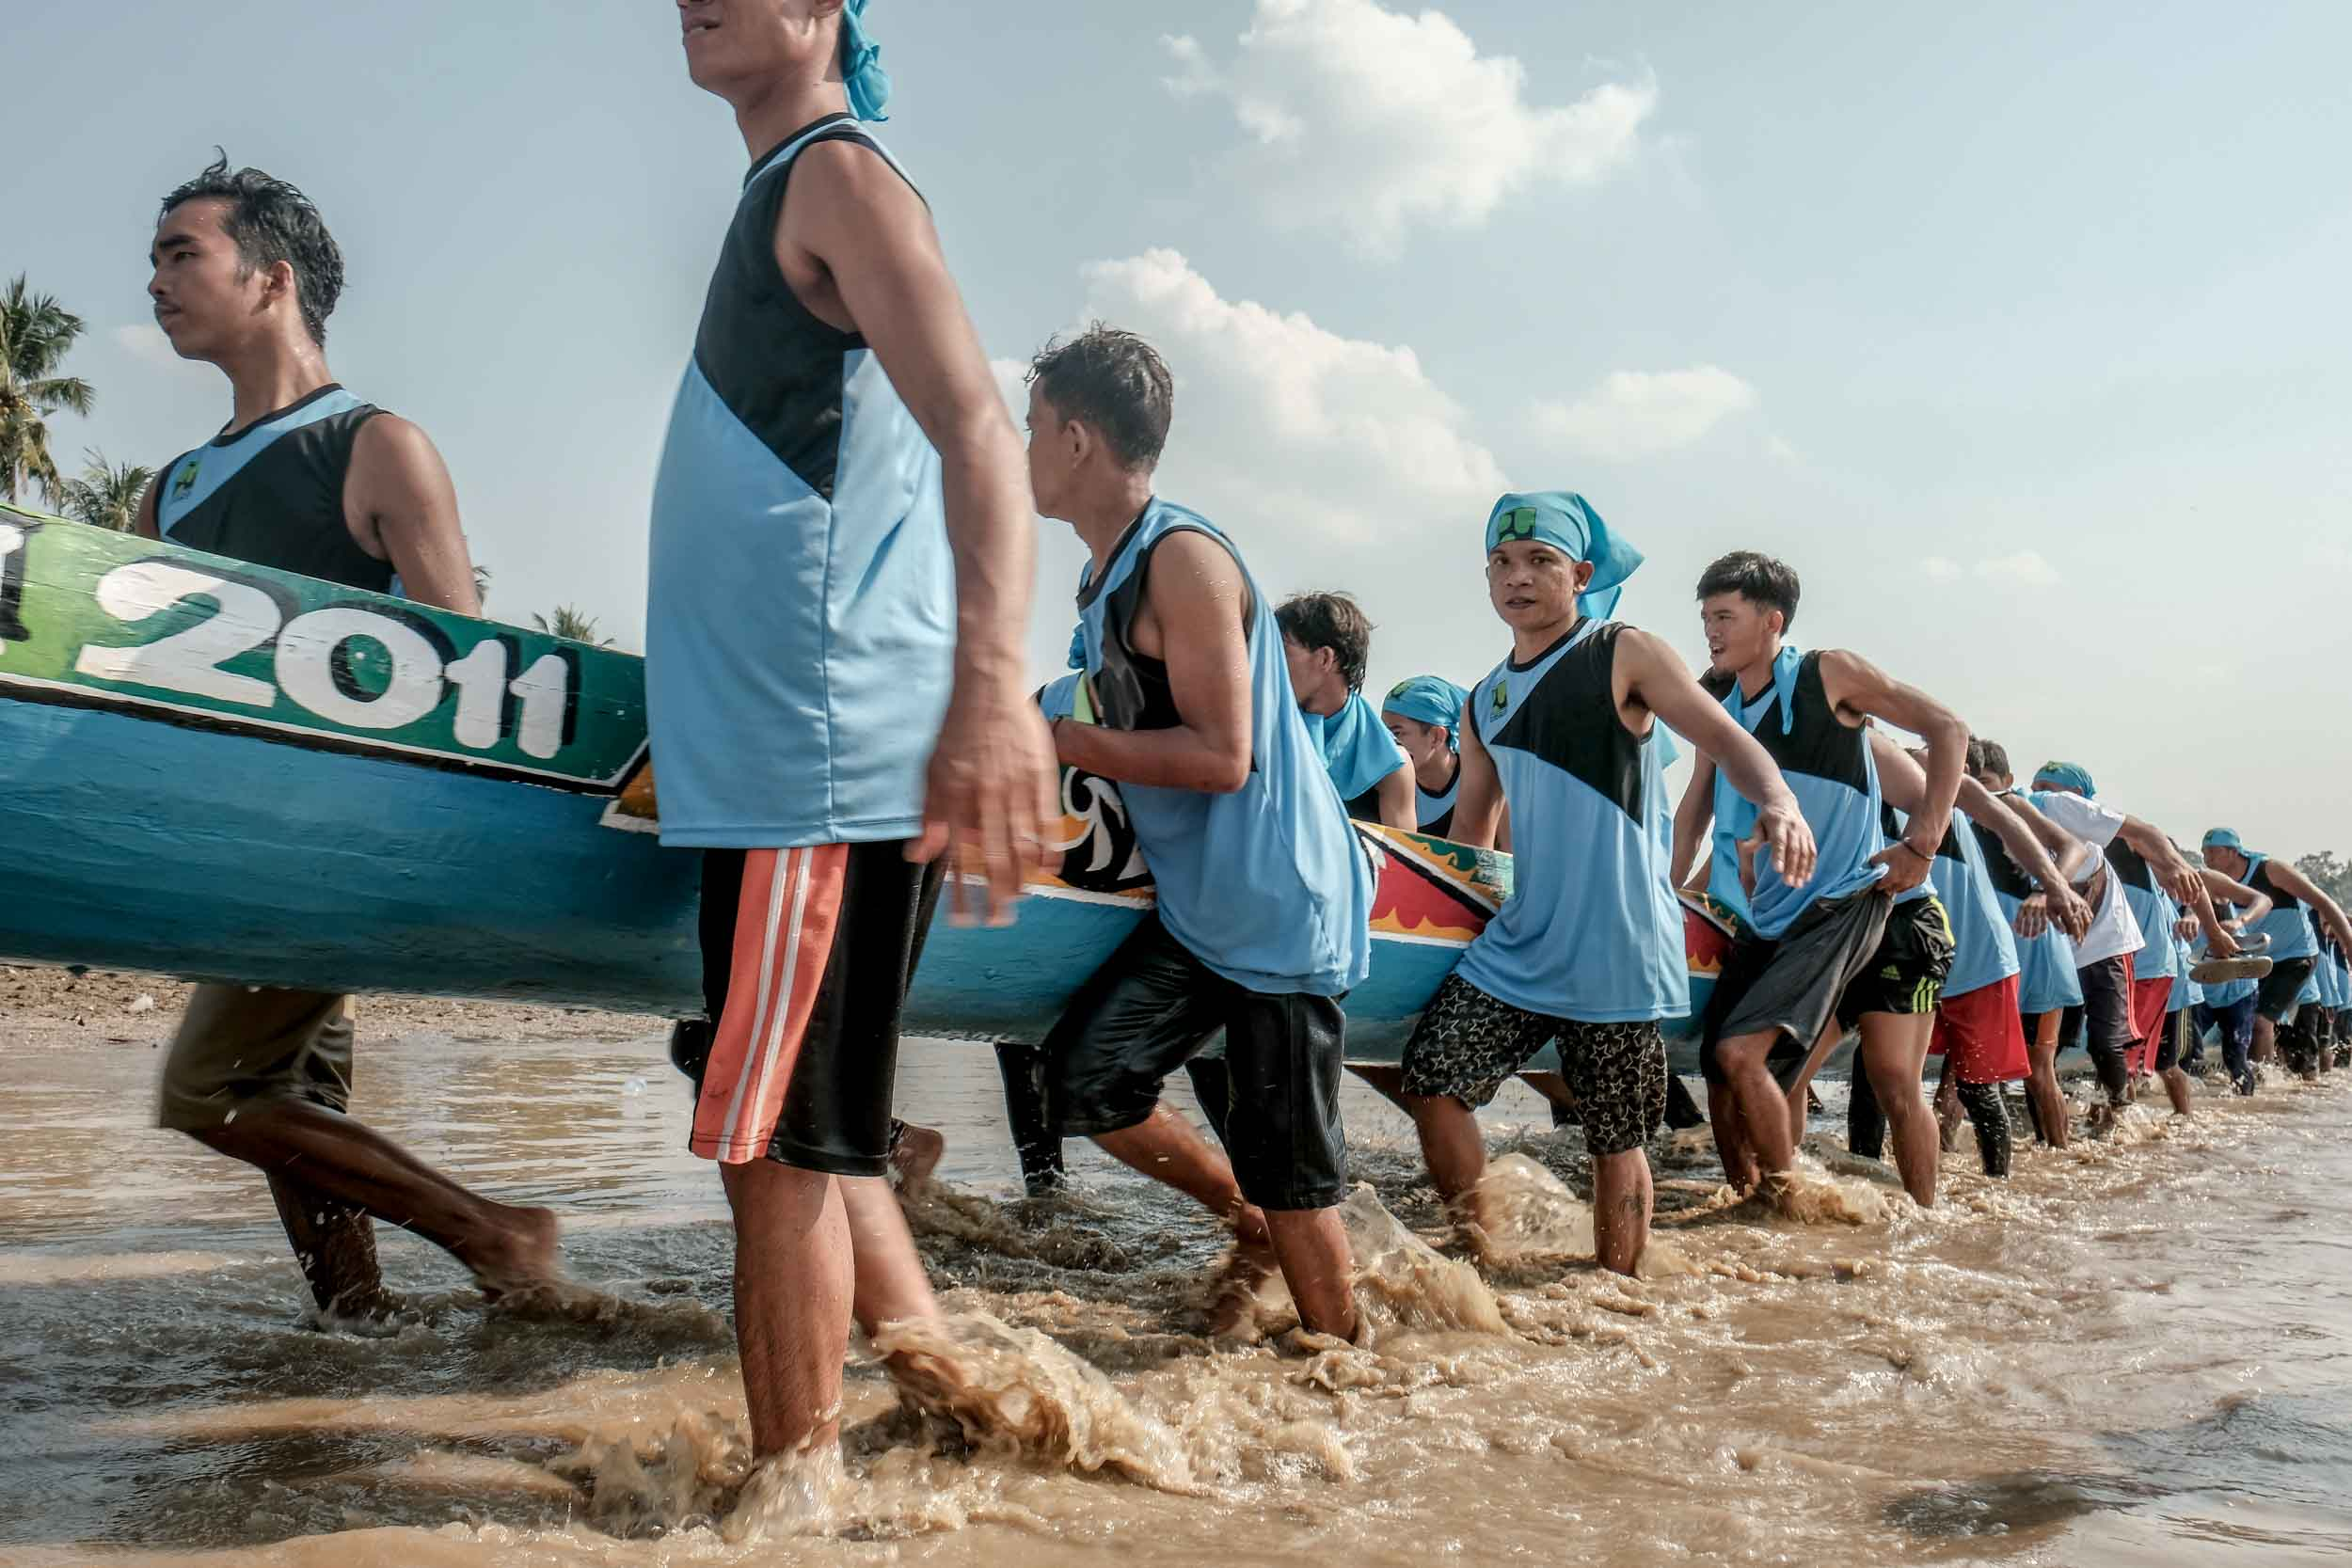 Pelaksanaan Festival Pacu Jalur 2019 pada 21-25 Agustus 2019 di Tepian Narosa Teluk Kuantan, Kuantan Singingi (Kuansing), Riau | Kemenparekraf